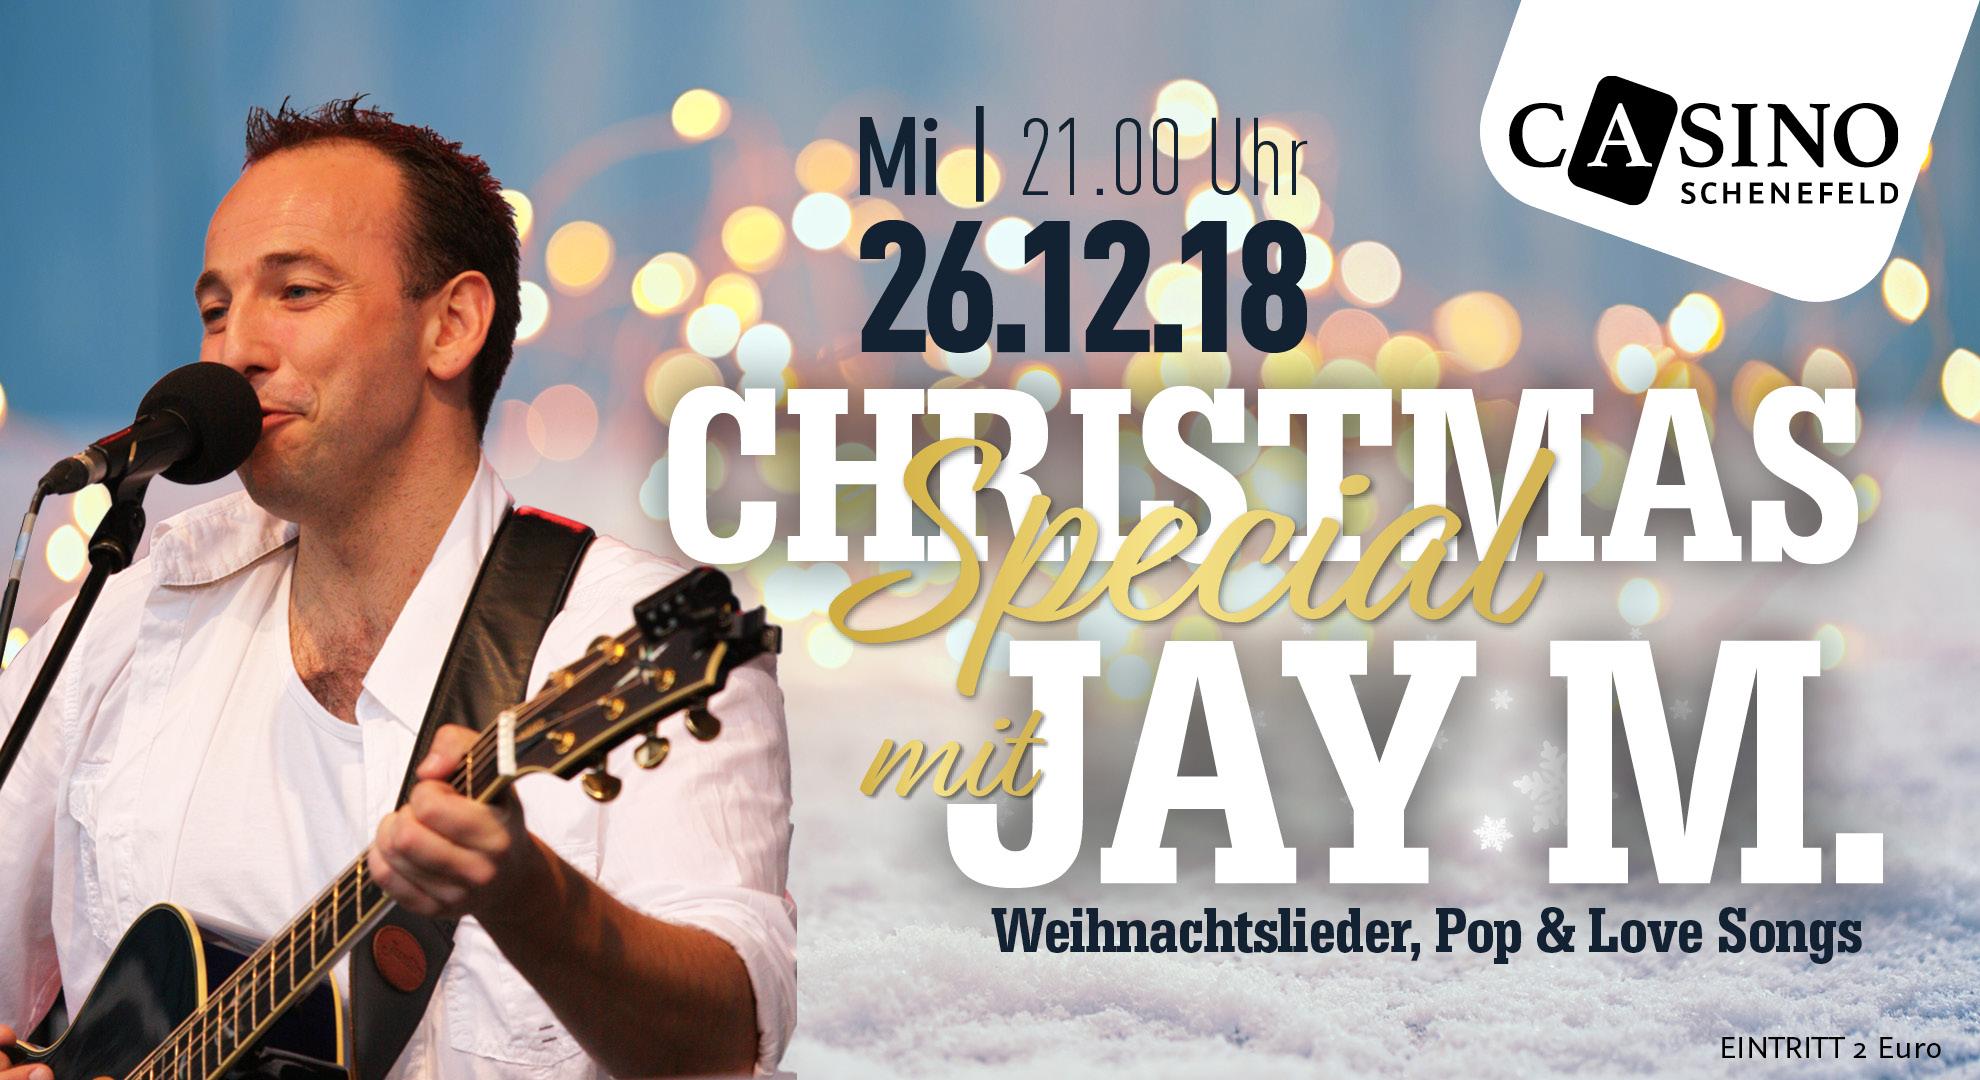 Weihnachtslieder Pop.Christmas Special Mit Jay M Casino Schenefeld